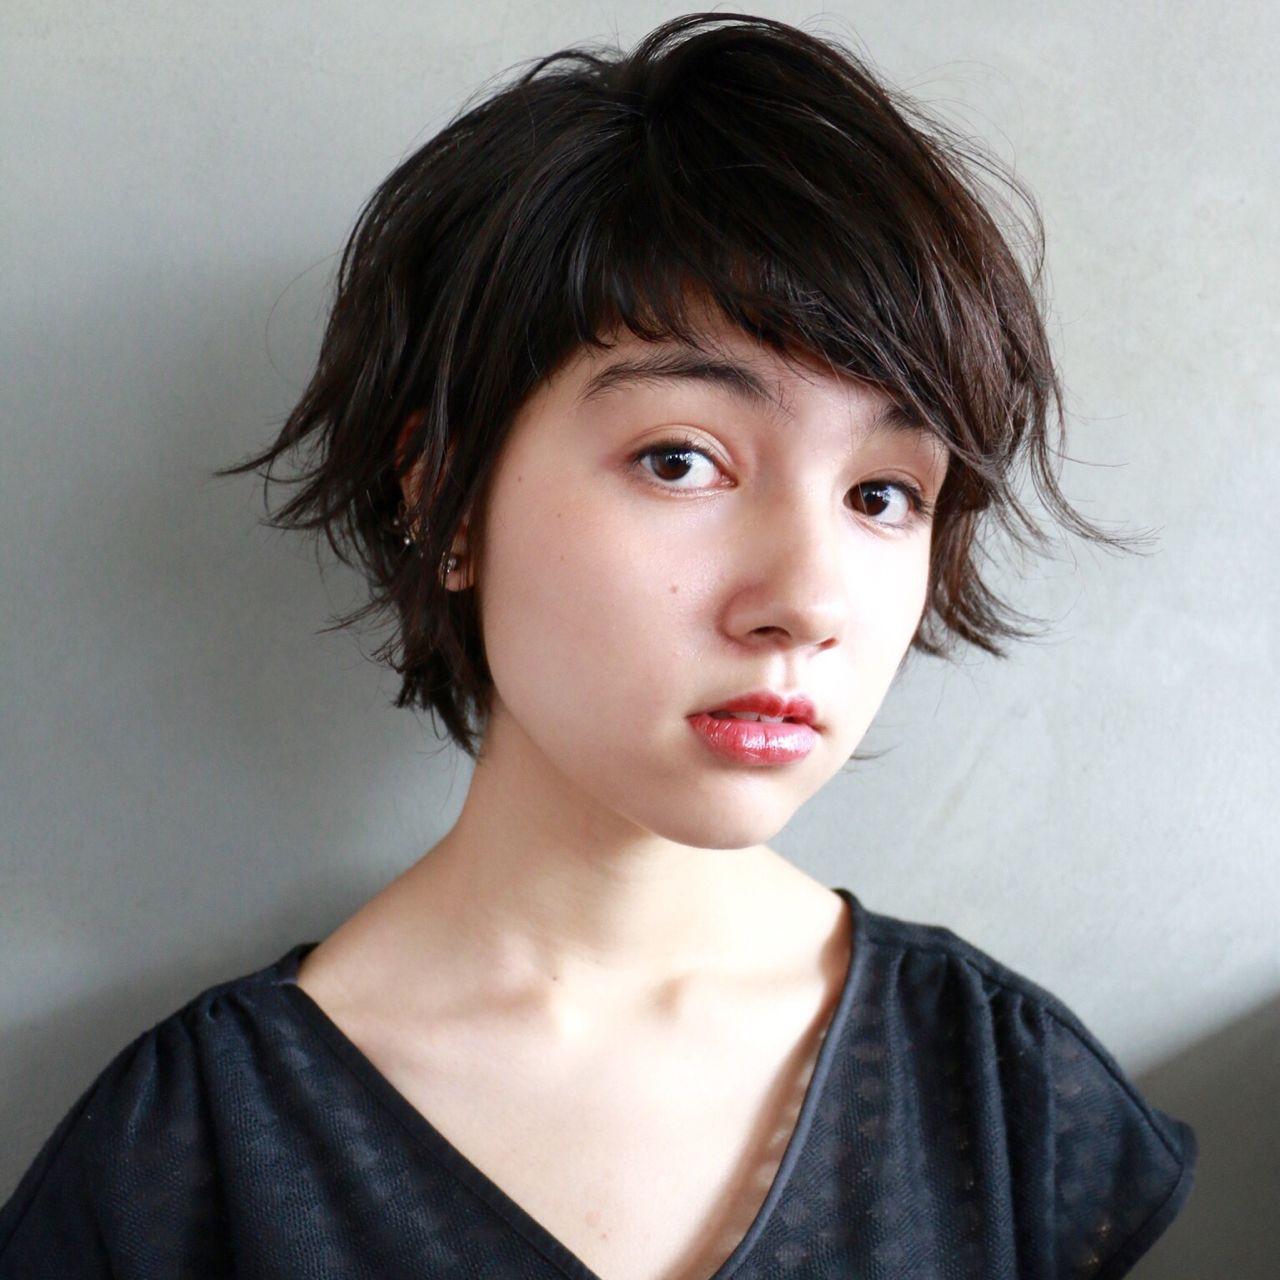 冬髪を可愛くするには前髪ありがカギ♡オシャレ度UPしちゃお!